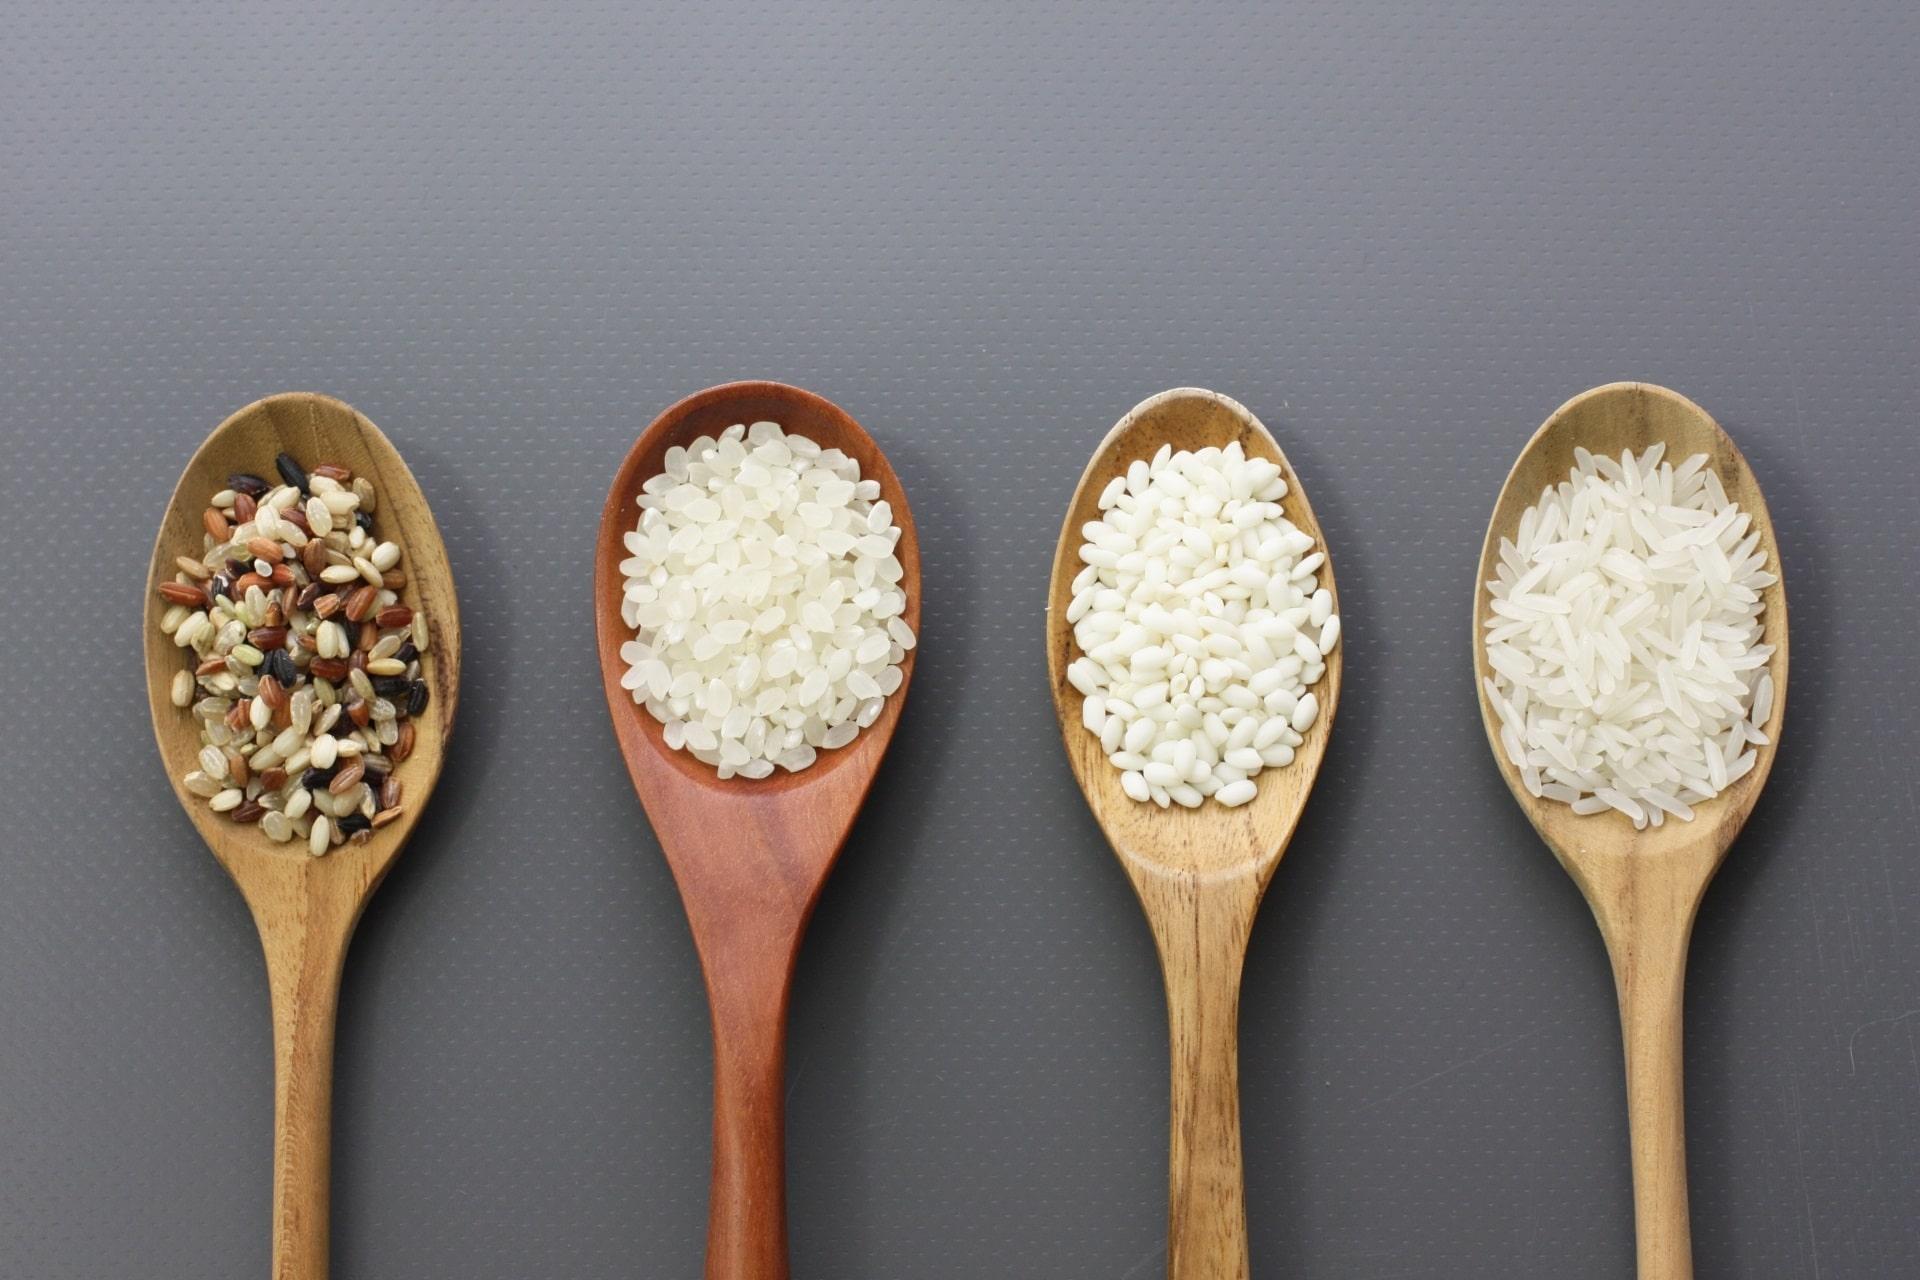 糖質の摂取目安は何g?糖質制限している人は必ず知っておきたいこと